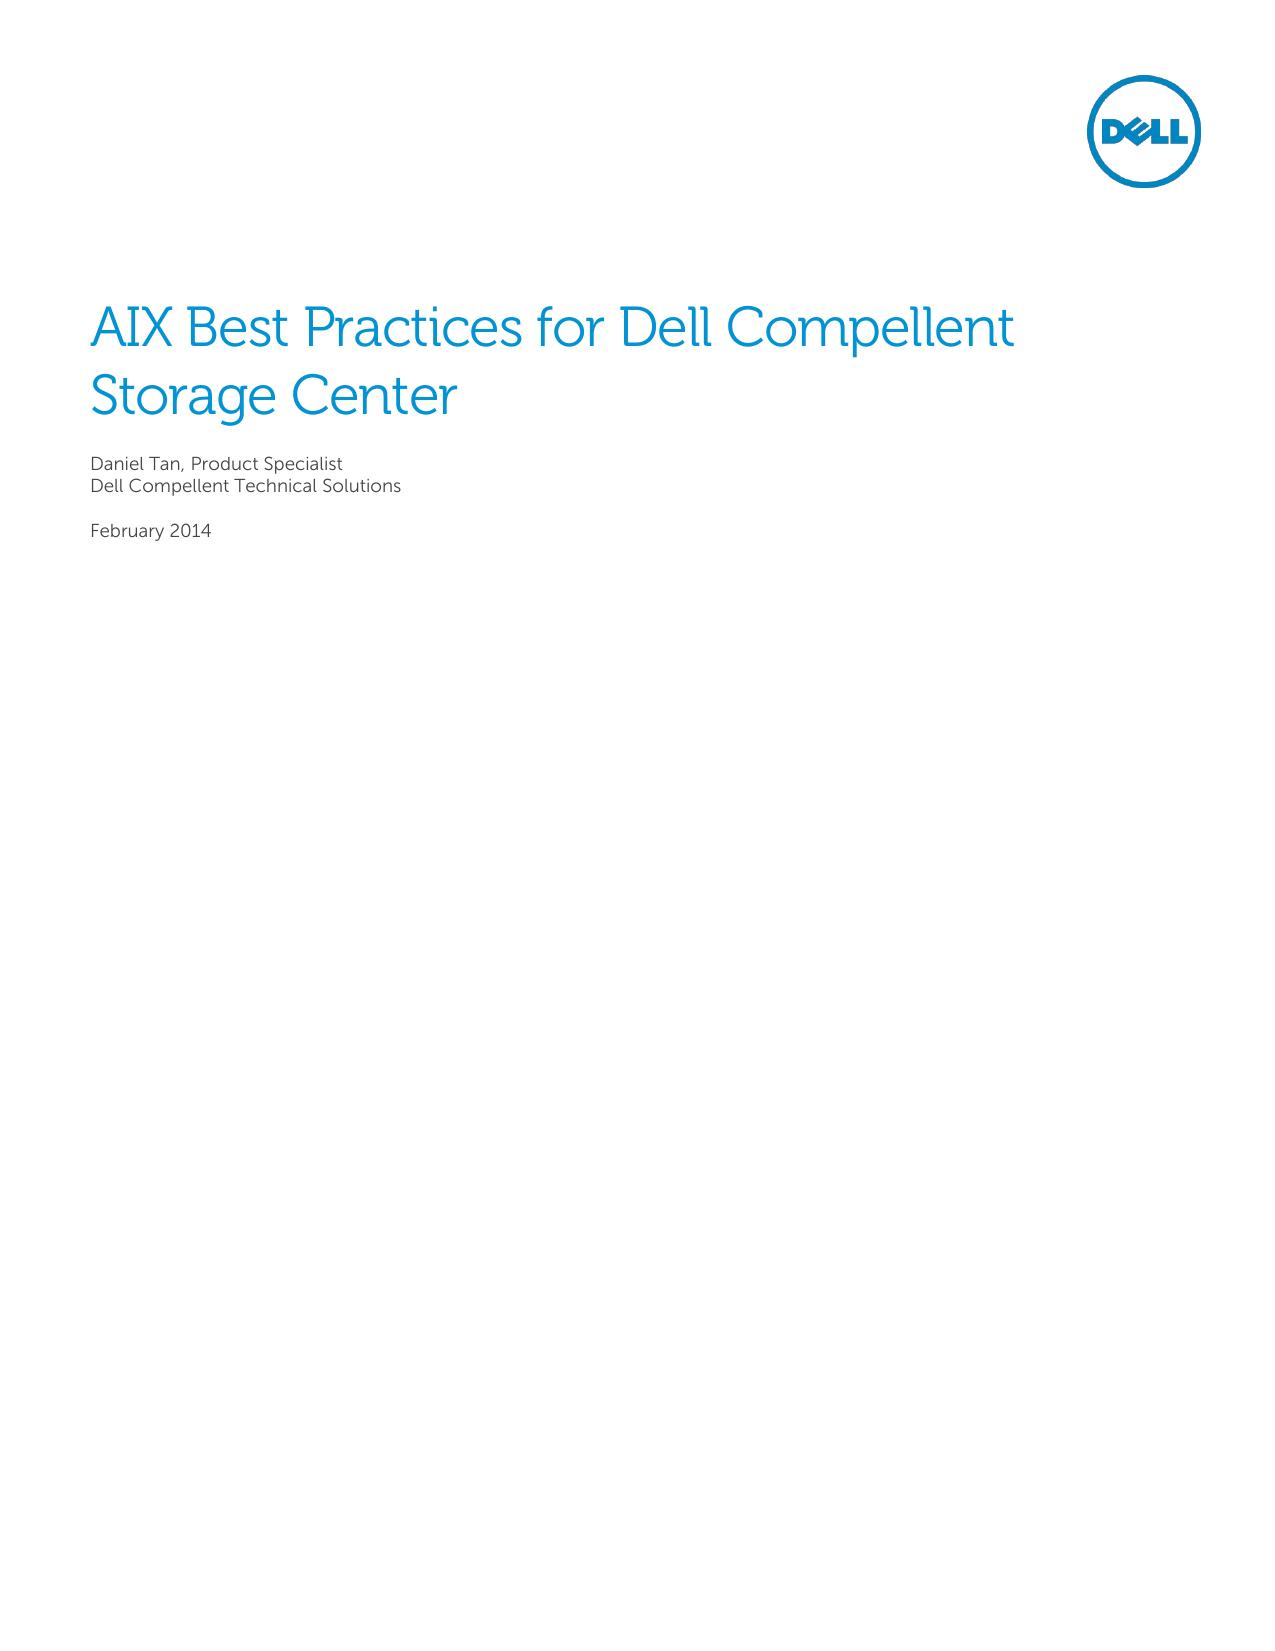 AIX Best Practices for Dell Compellent Storage Center | manualzz com